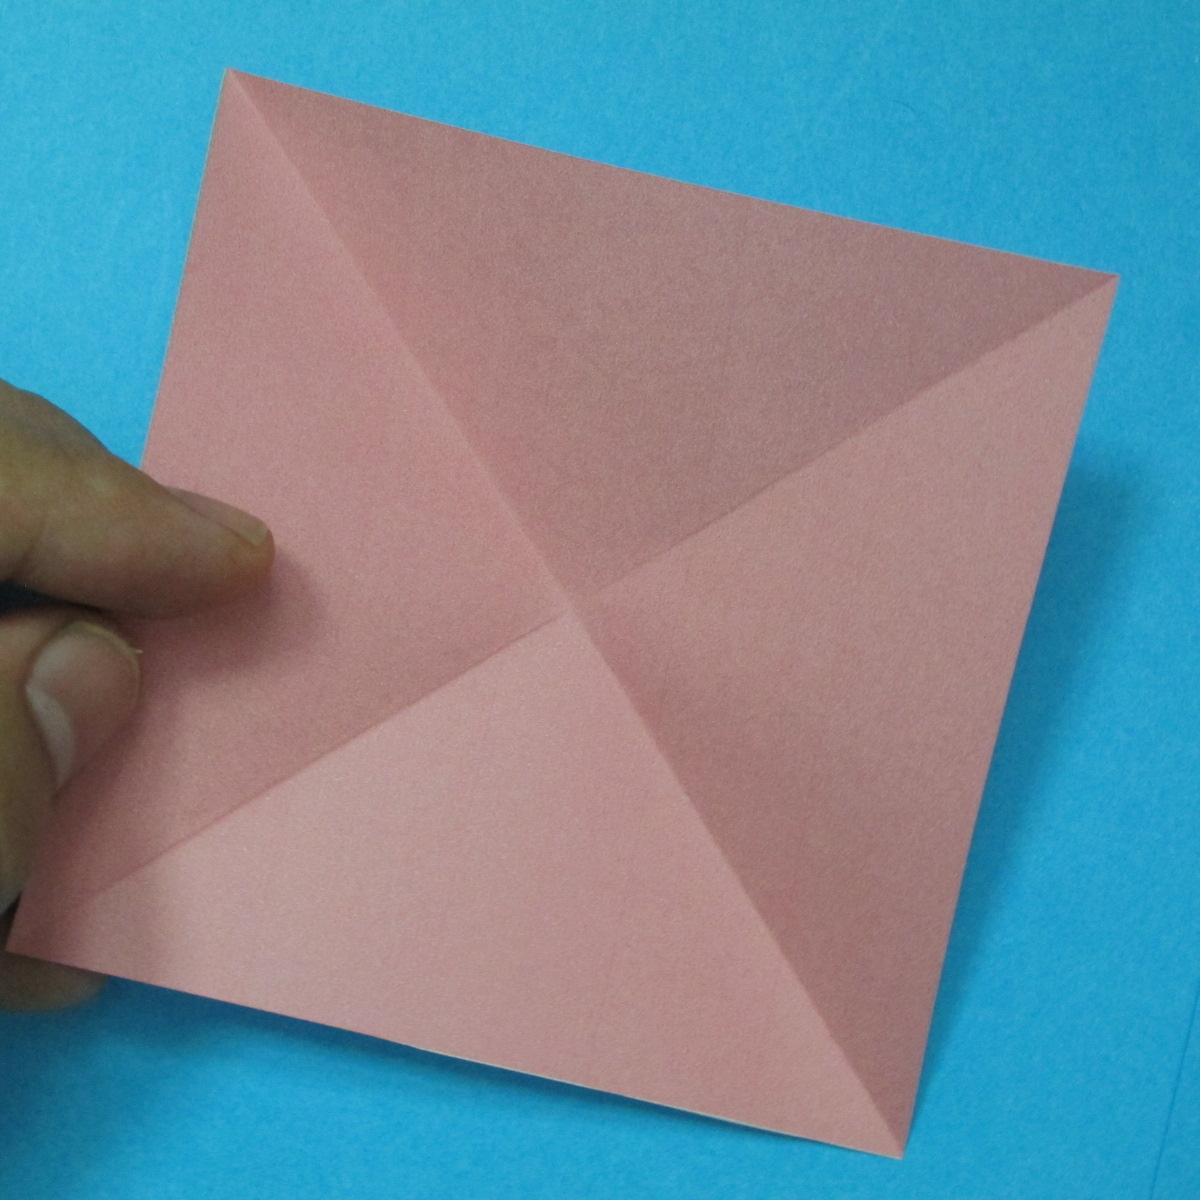 วิธีการพับกระดาษเป็นดอกไม้แปดกลีบ 002